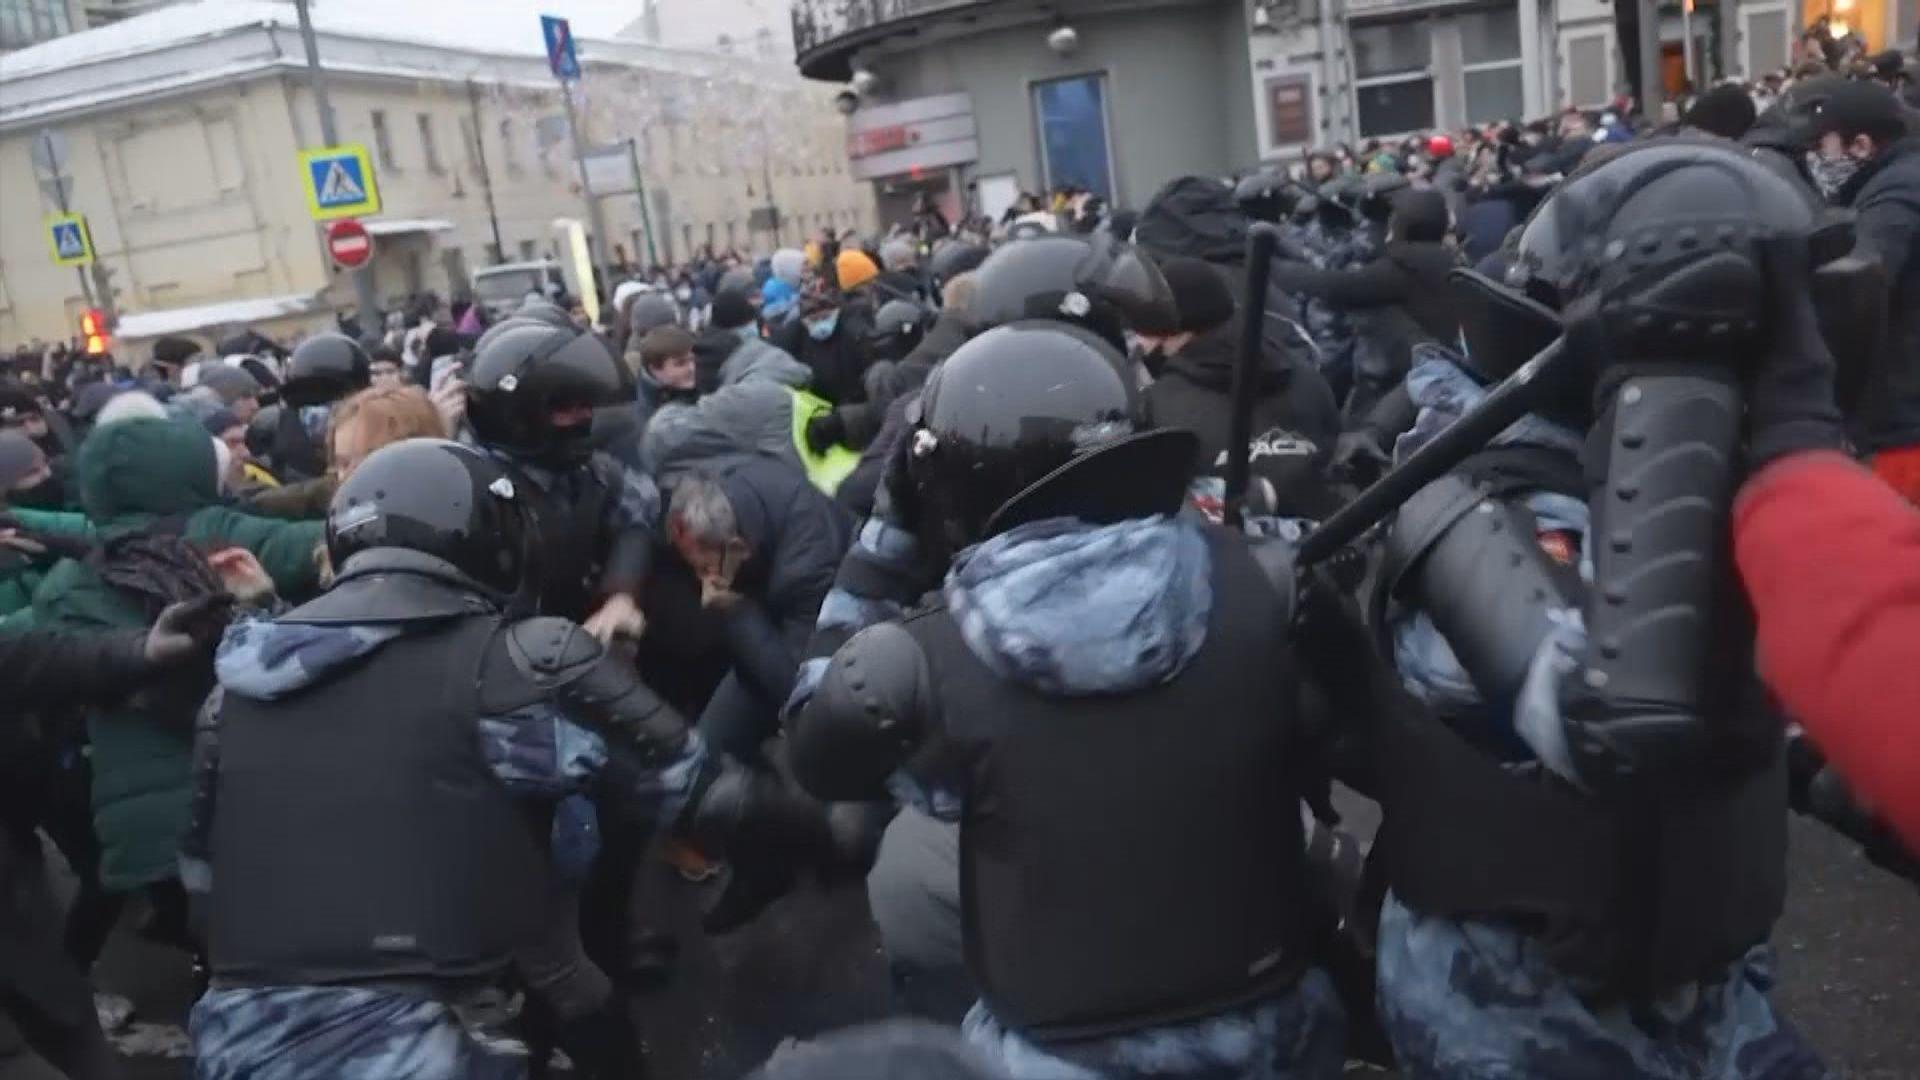 俄羅斯宣布驅逐三國駐俄外交人員 指有份參與非法示威